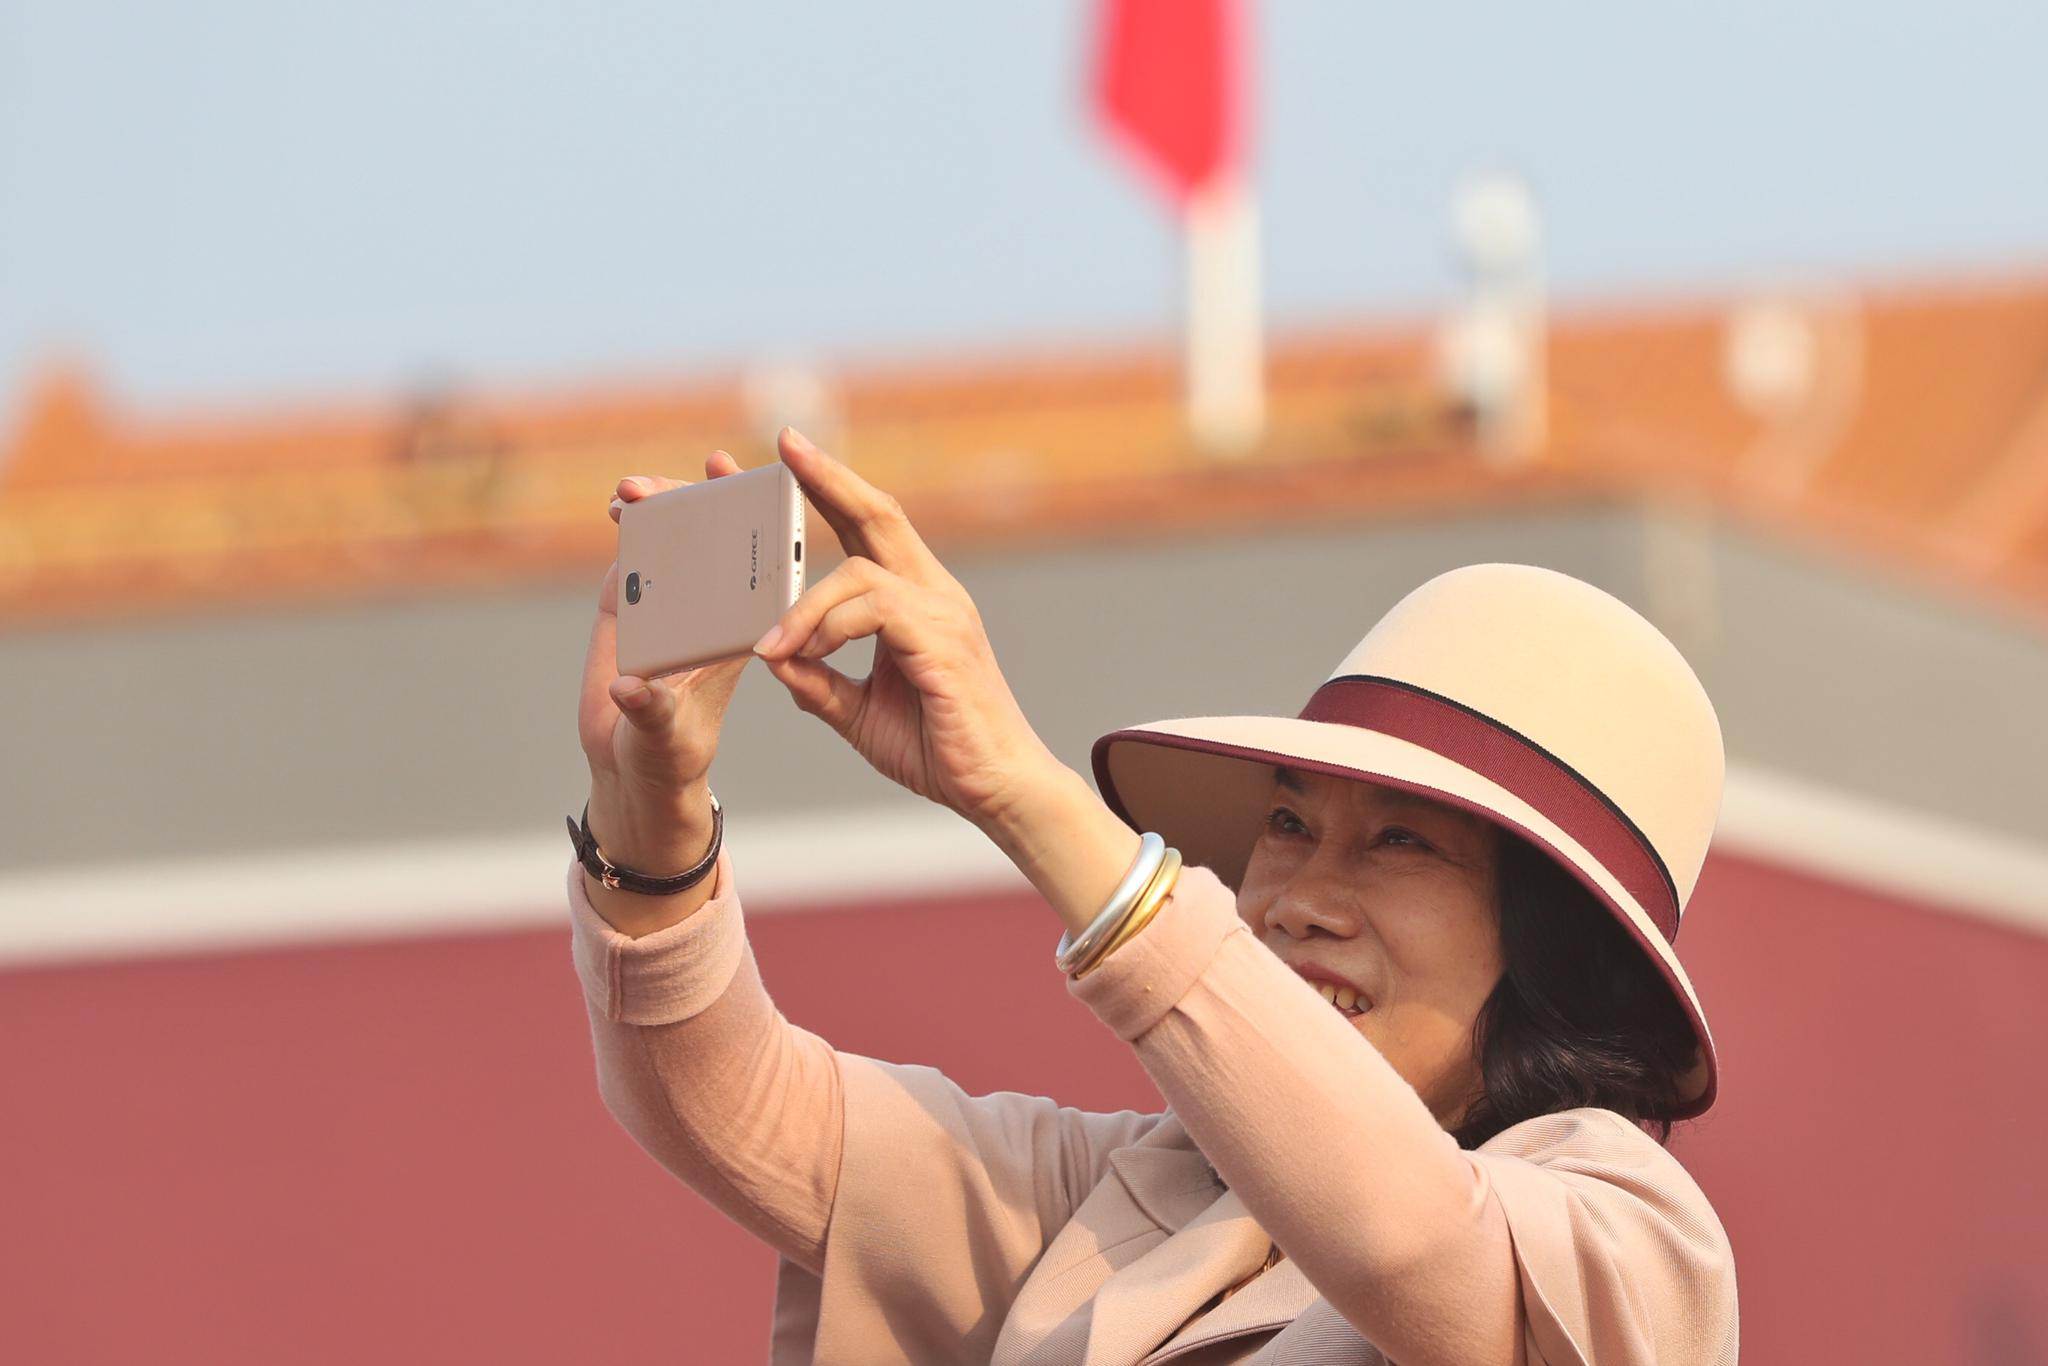 中石油董事长:彻底肃清周永康蒋洁敏等人流毒影响